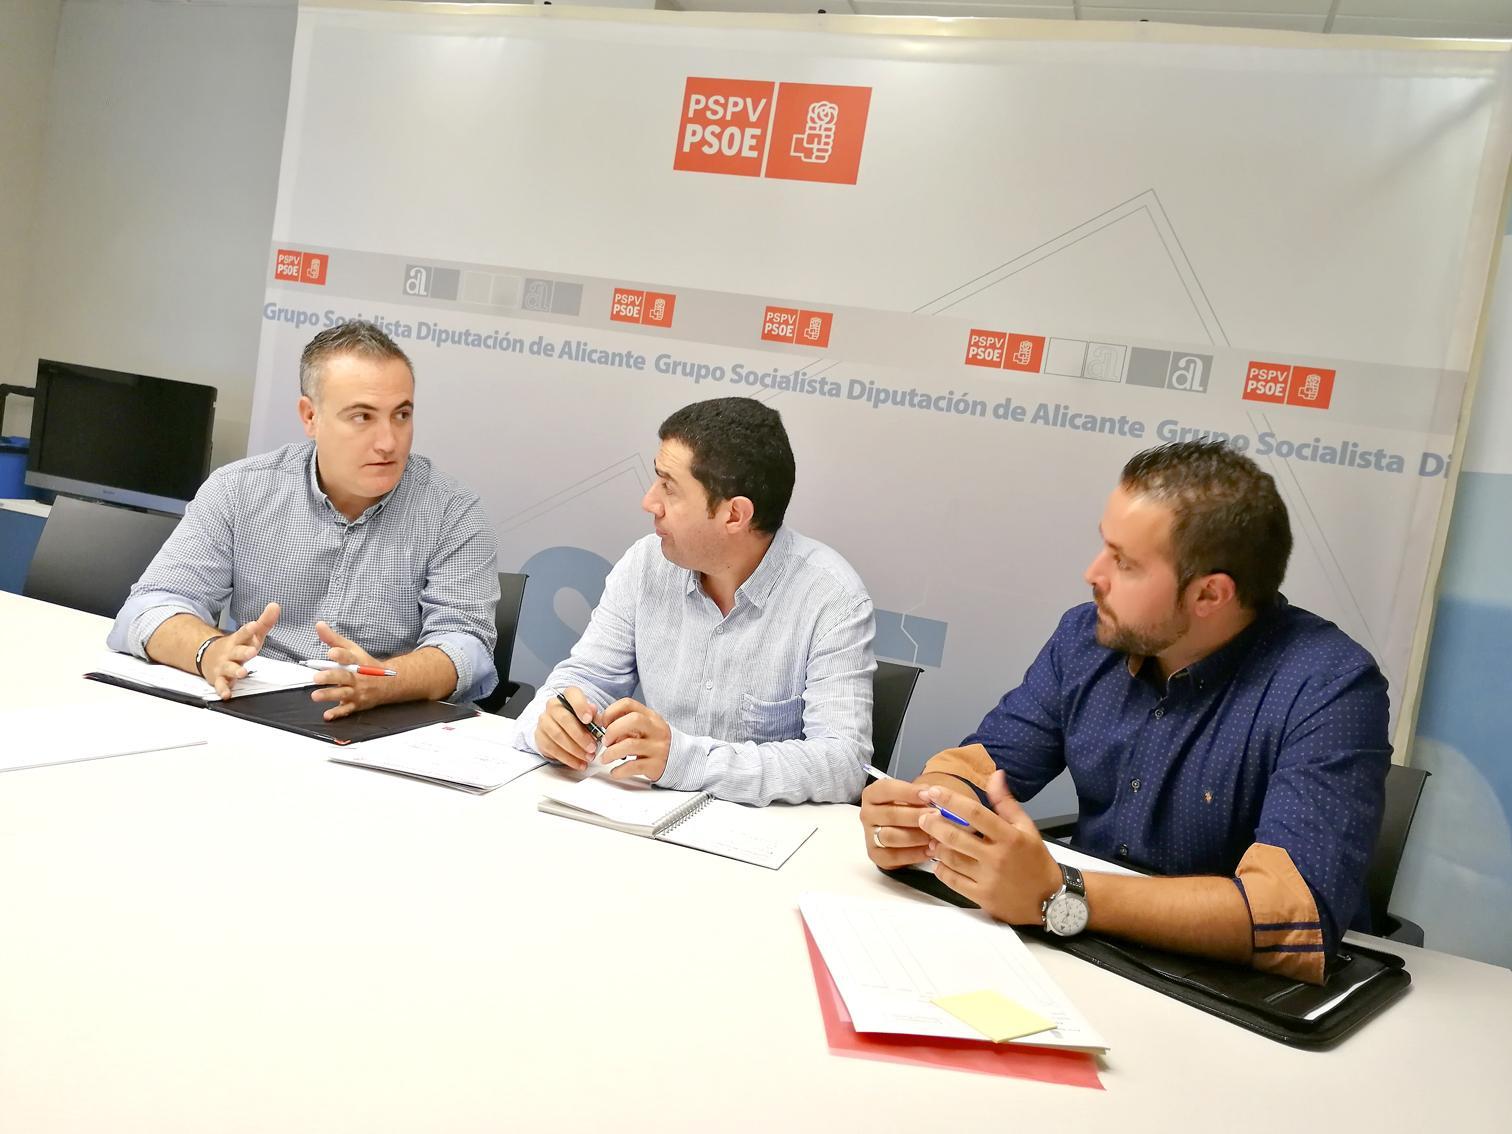 Regidors socialistes d'Ibi es reunixen amb el portaveu del PSOE en la Diputació d'Alacant